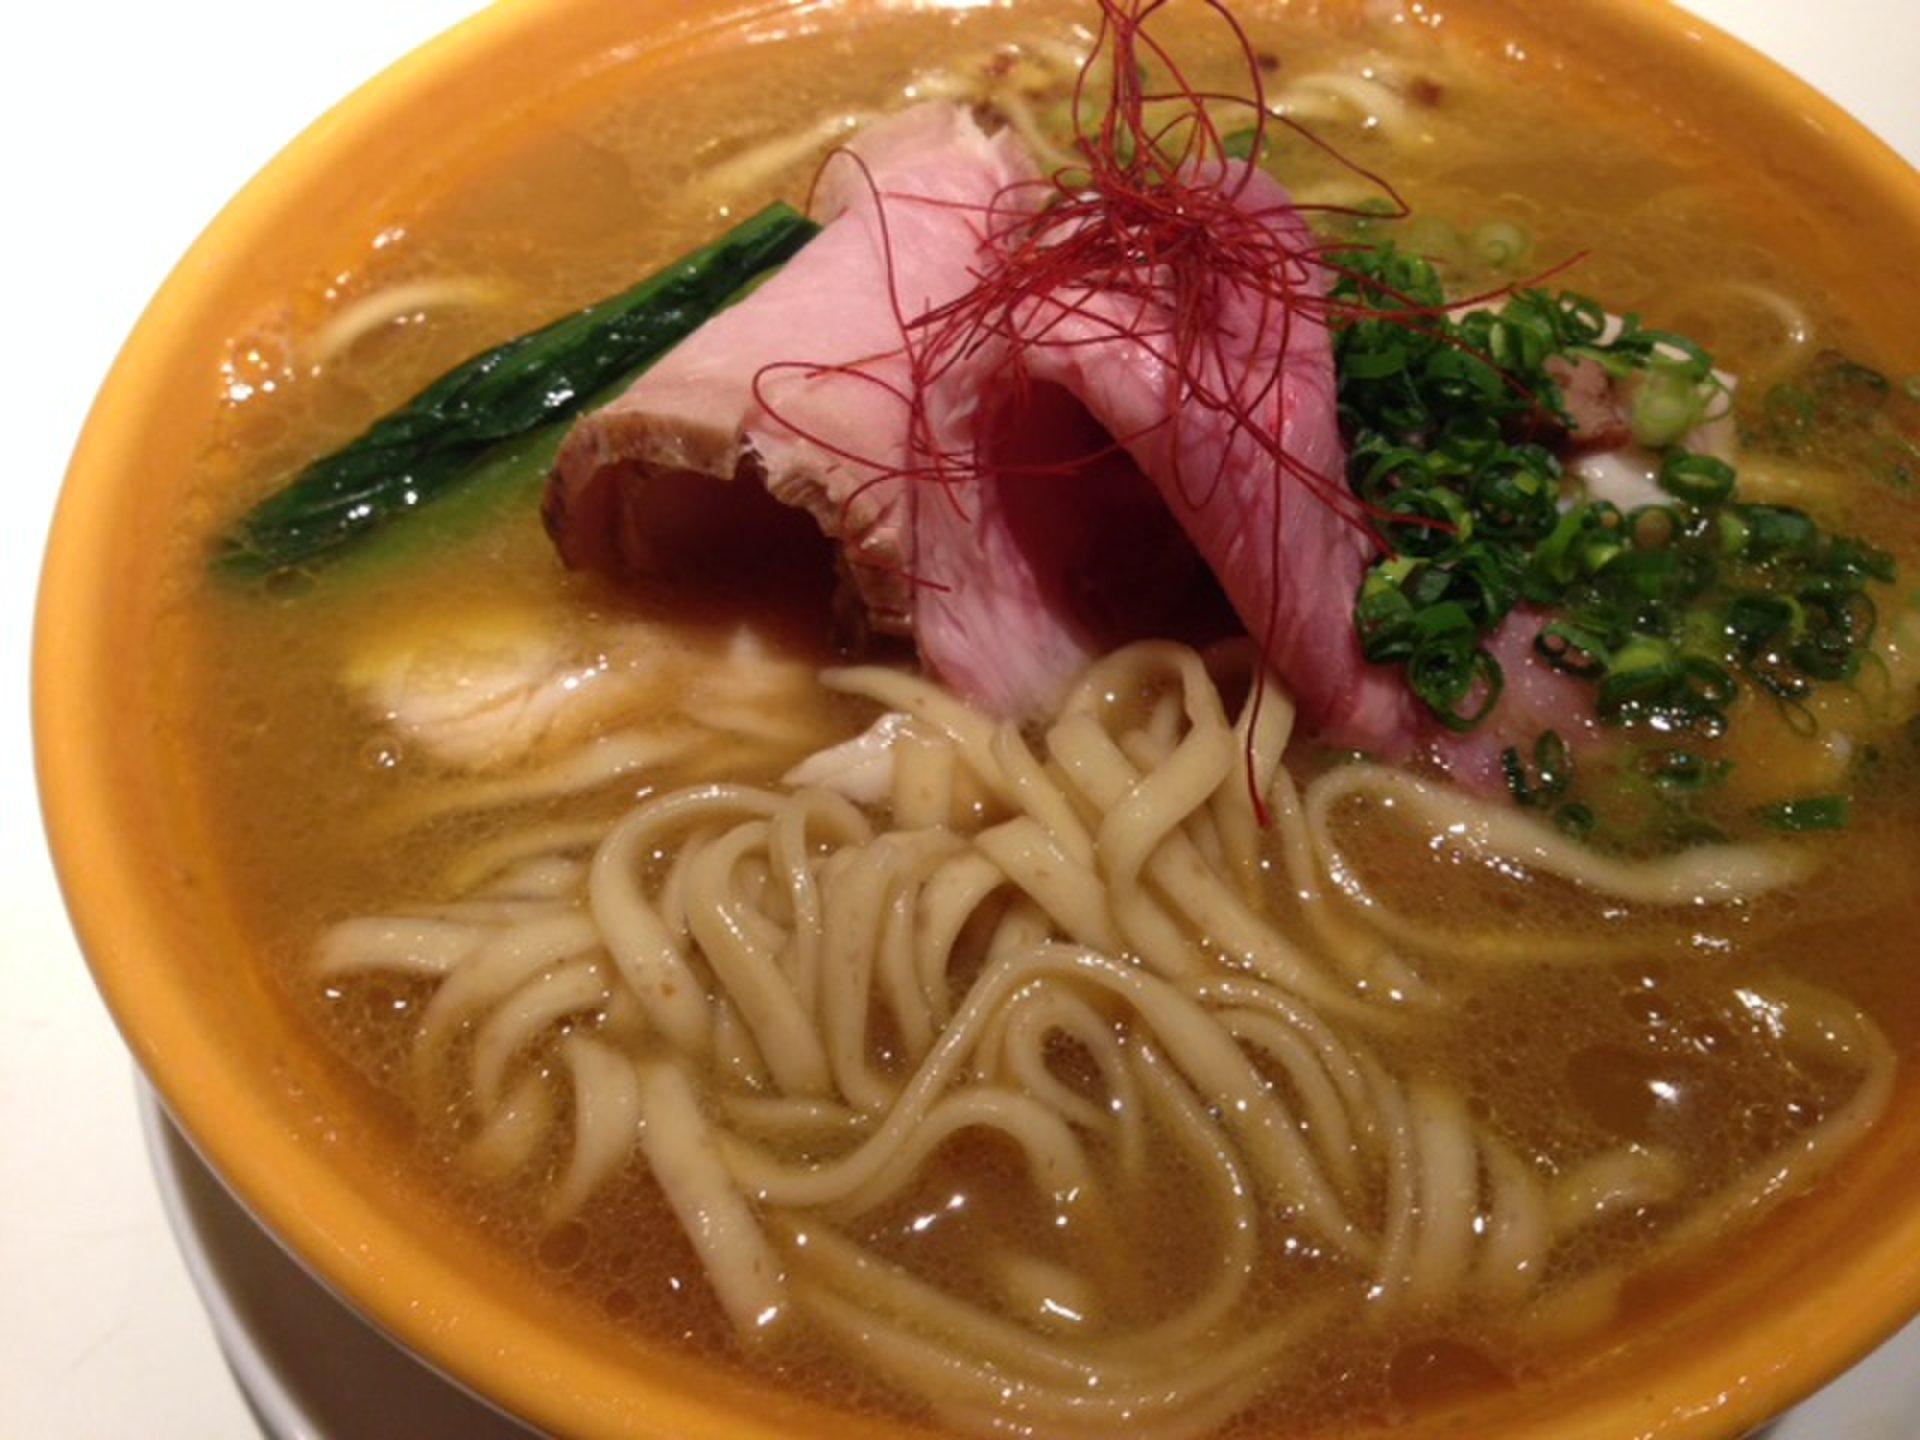 【太らない麺特集】ヘルシー麺料理だからダイエット中でも安心!